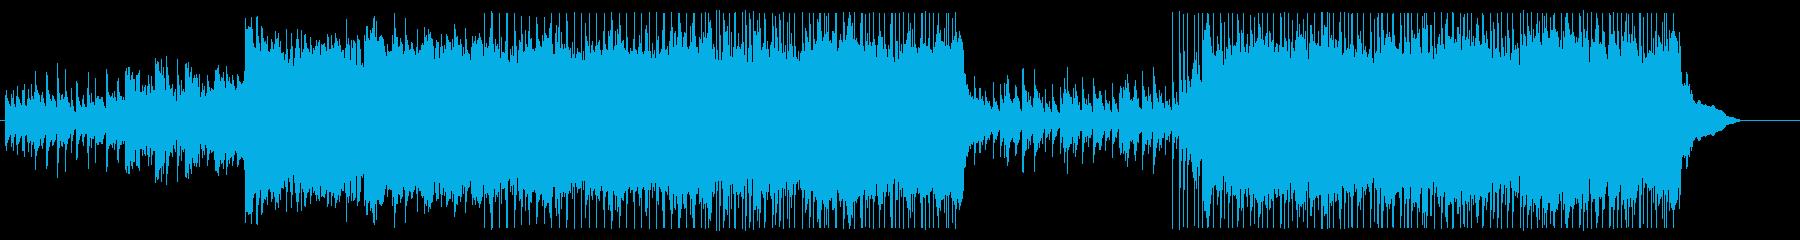 ゆったり落ち着きのあるギターポップの再生済みの波形